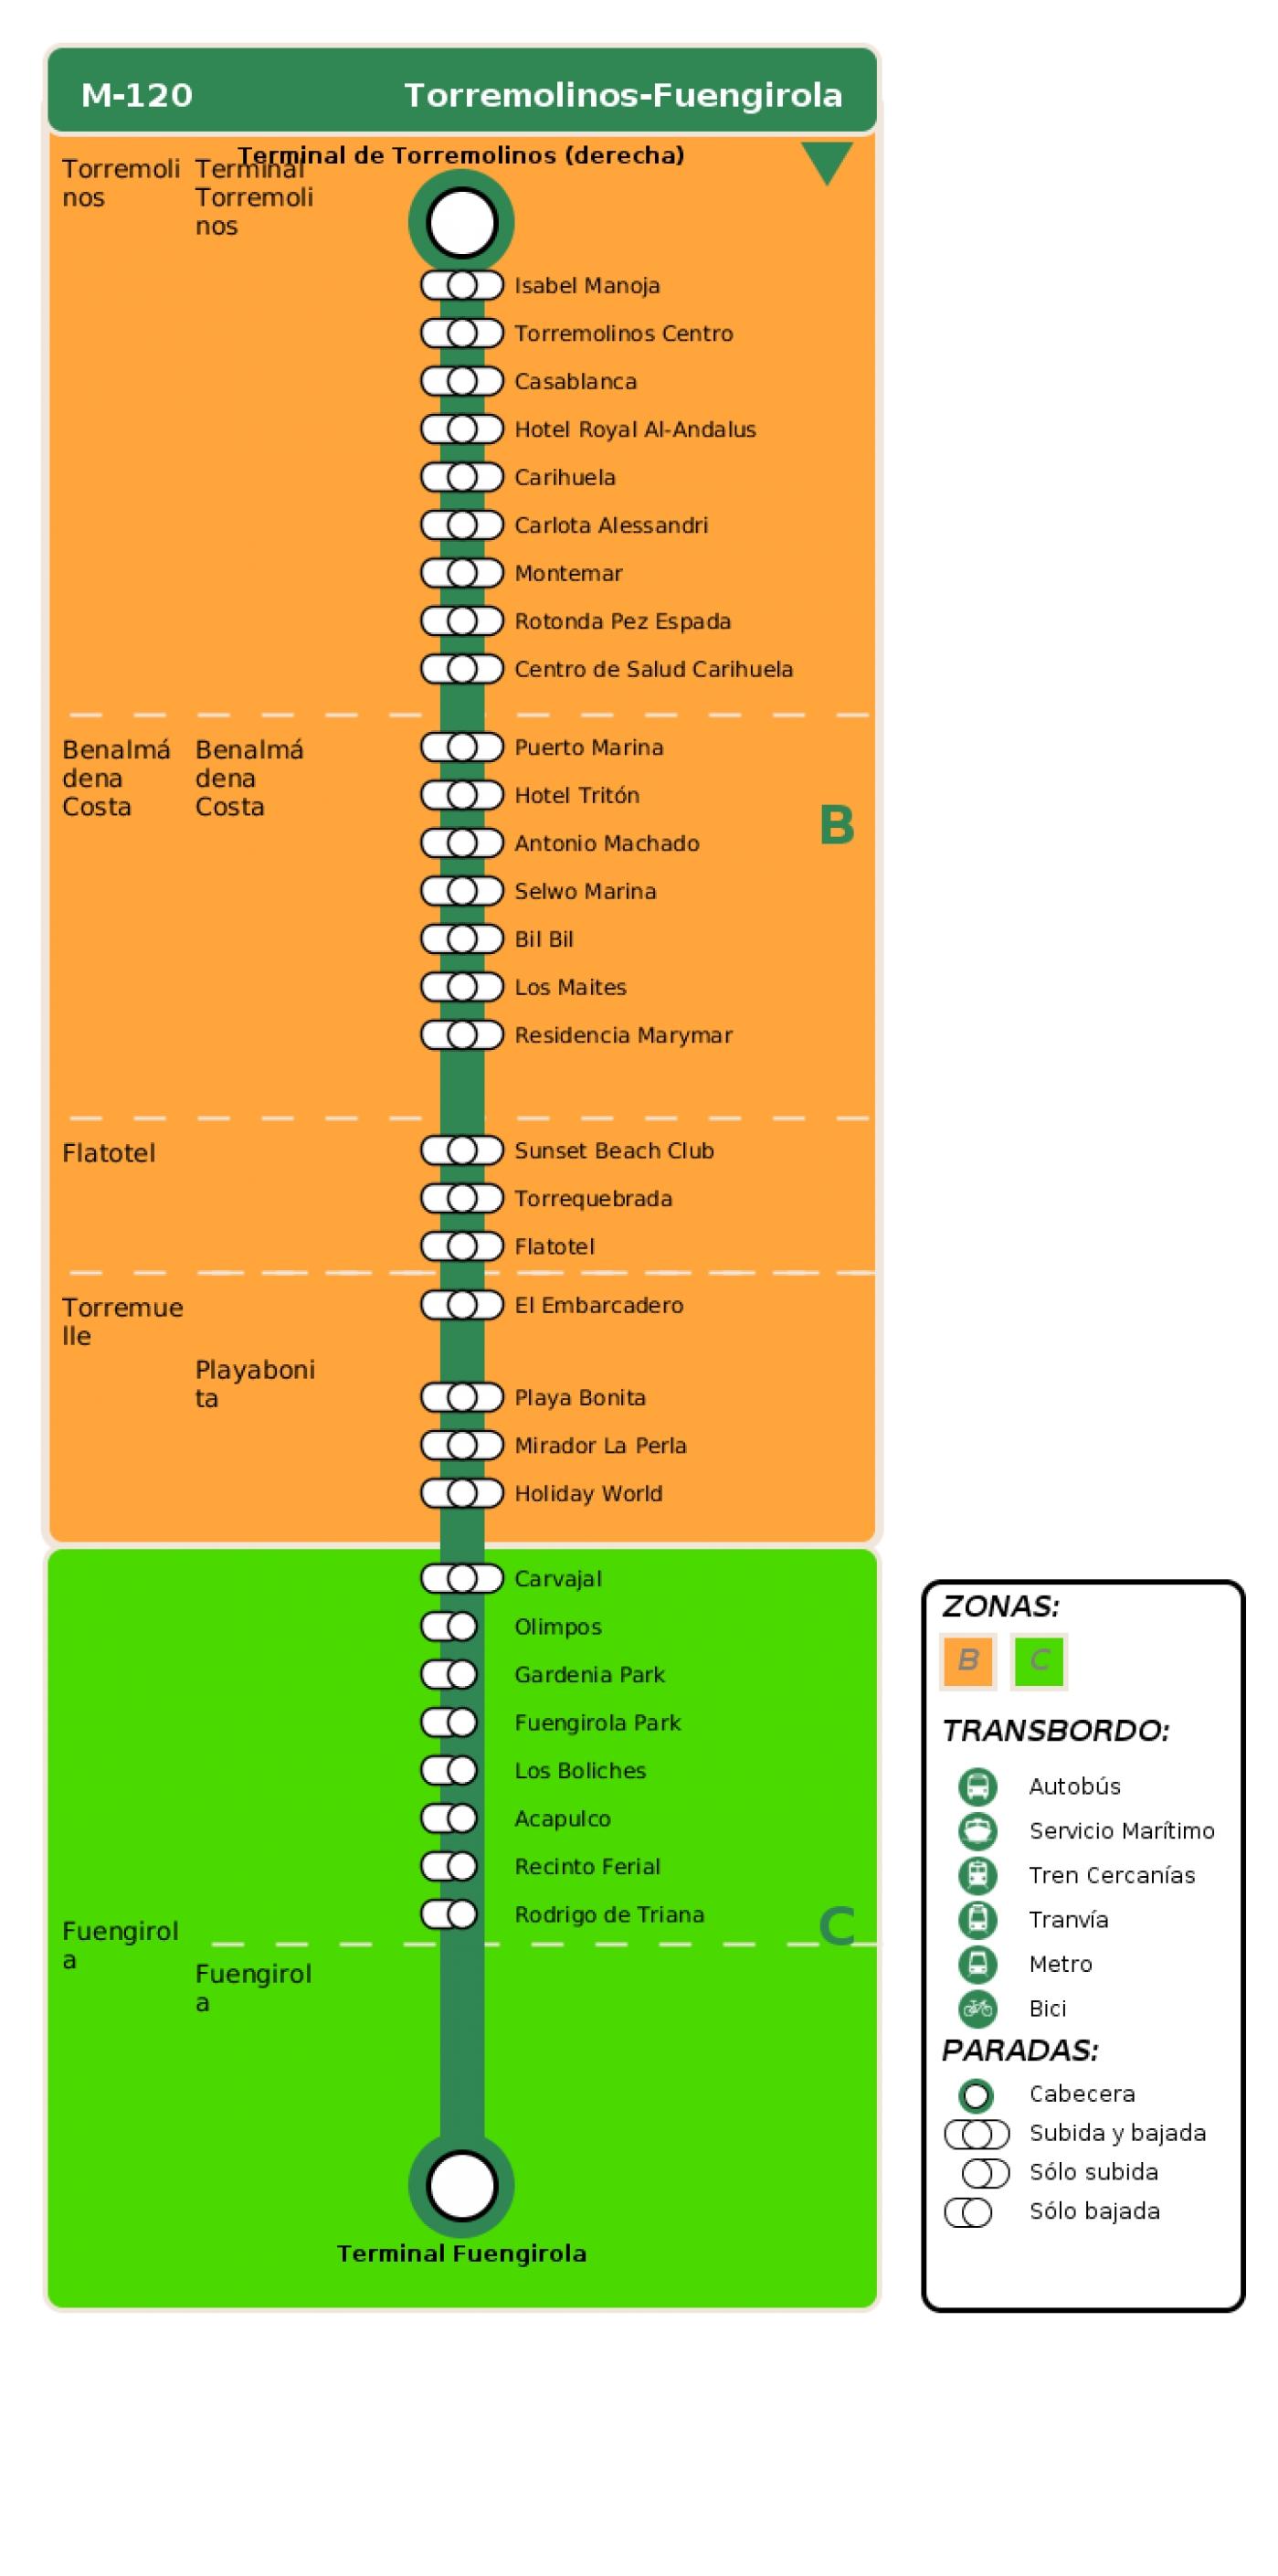 Recorrido esquemático, paradas y correspondencias en sentido ida Línea M-120: Torremolinos - Fuengirola